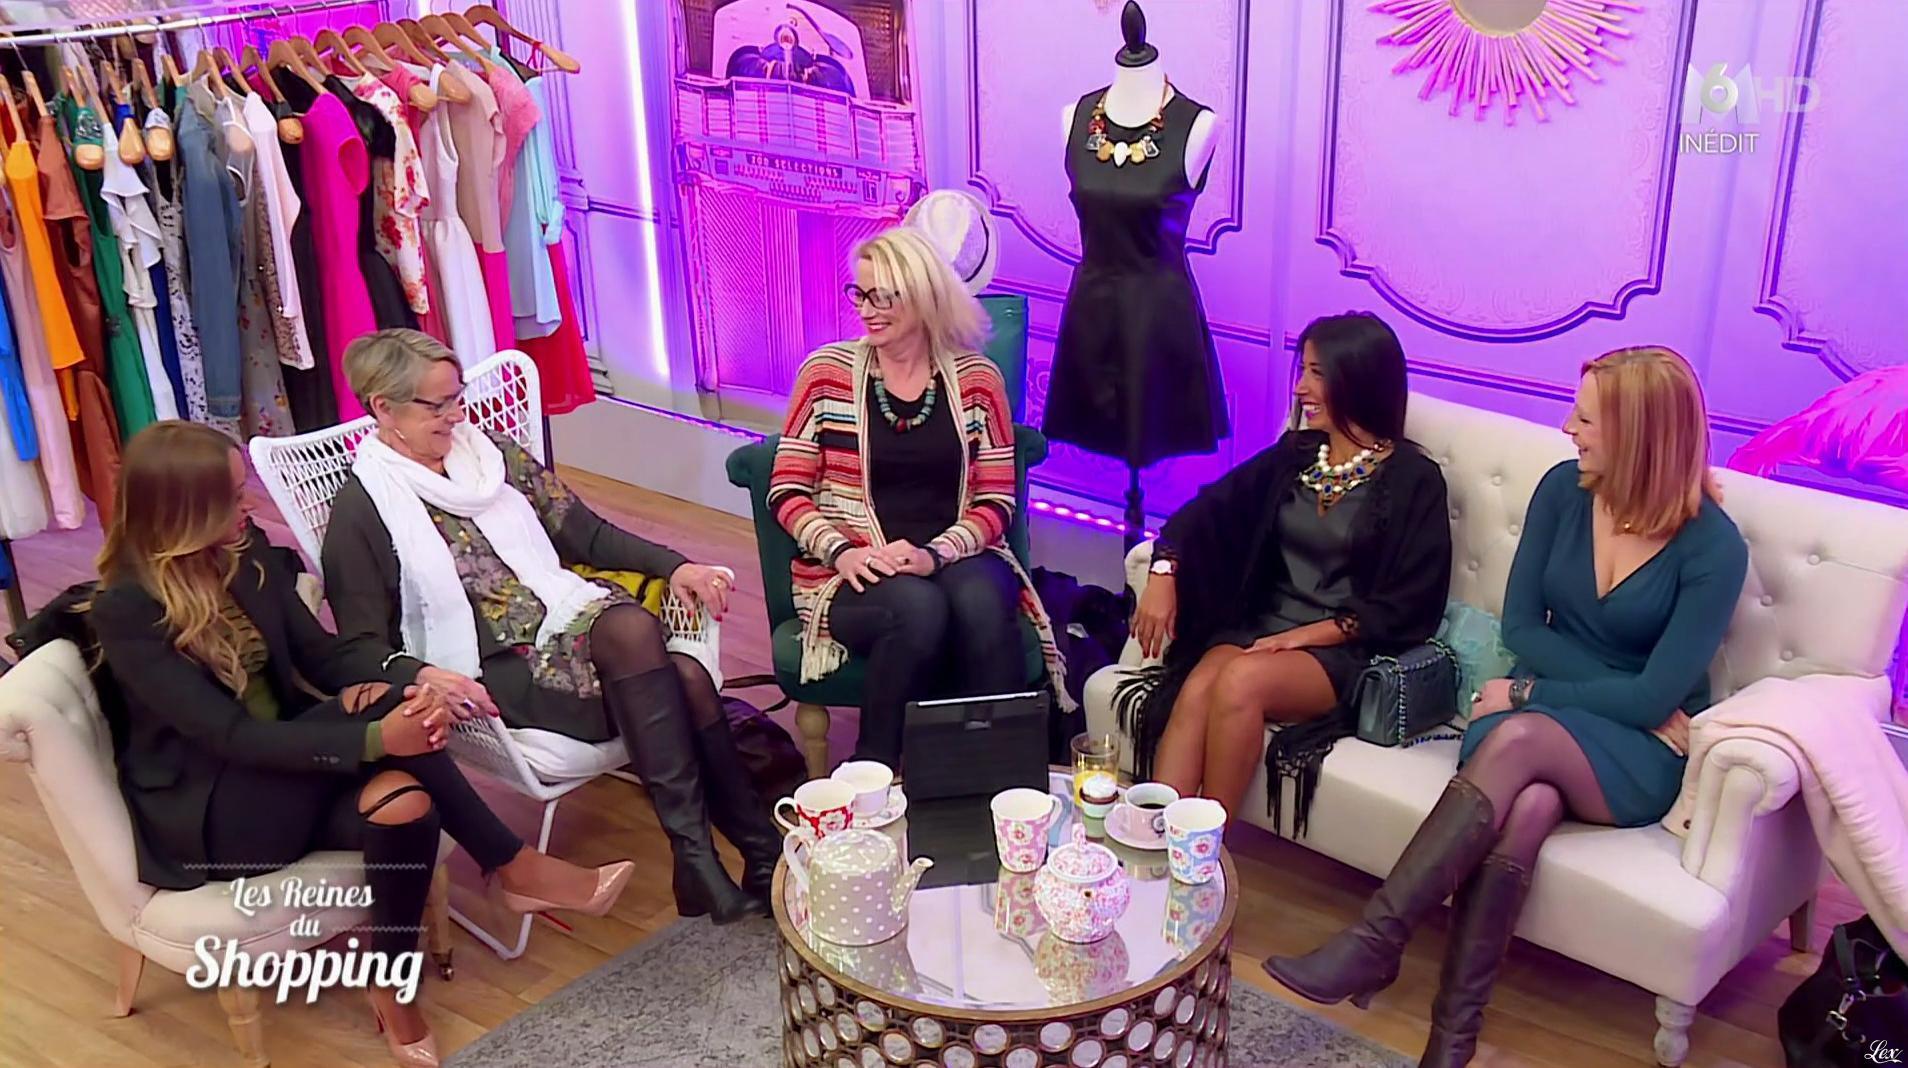 Inconnue dans les Reines du Shopping. Diffusé à la télévision le 27/06/16.